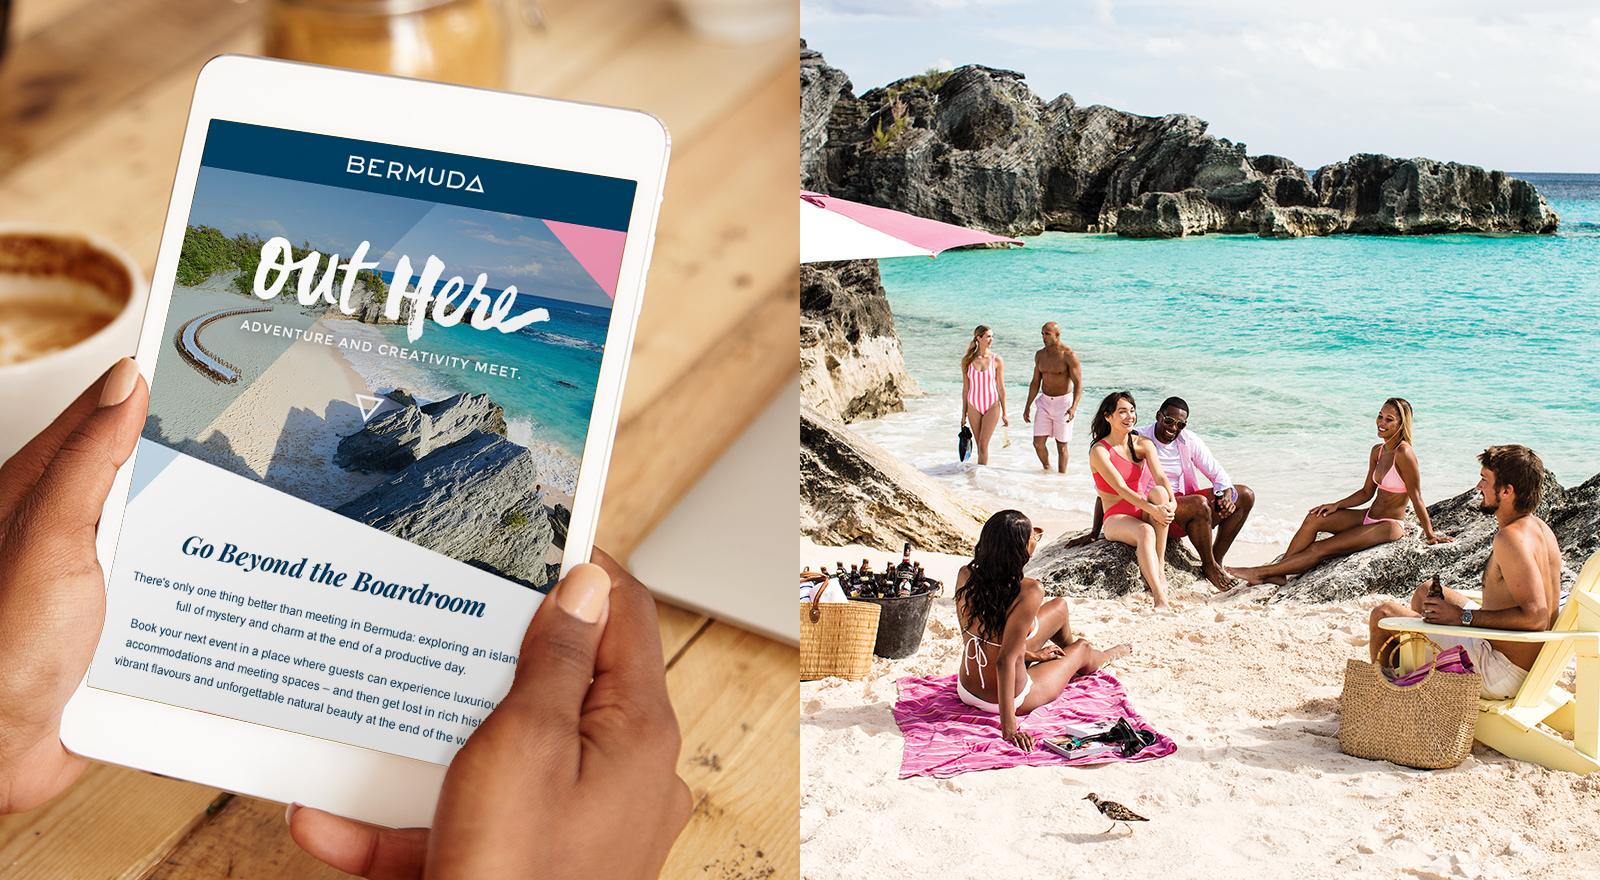 ipad mock up of Bermuda ad